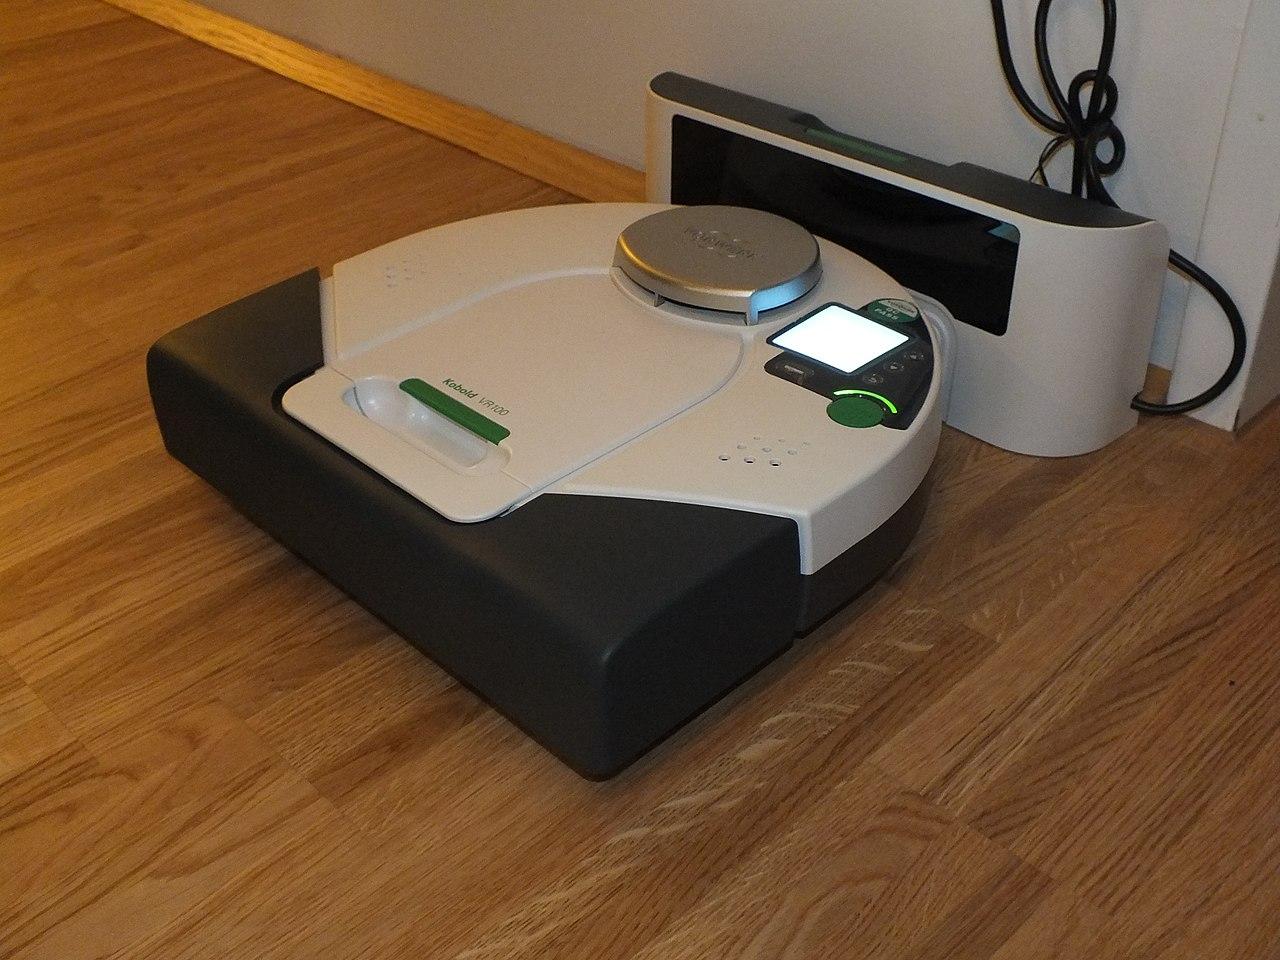 original file 3 264 2 448 pixels file size mb mime type image jpeg. Black Bedroom Furniture Sets. Home Design Ideas